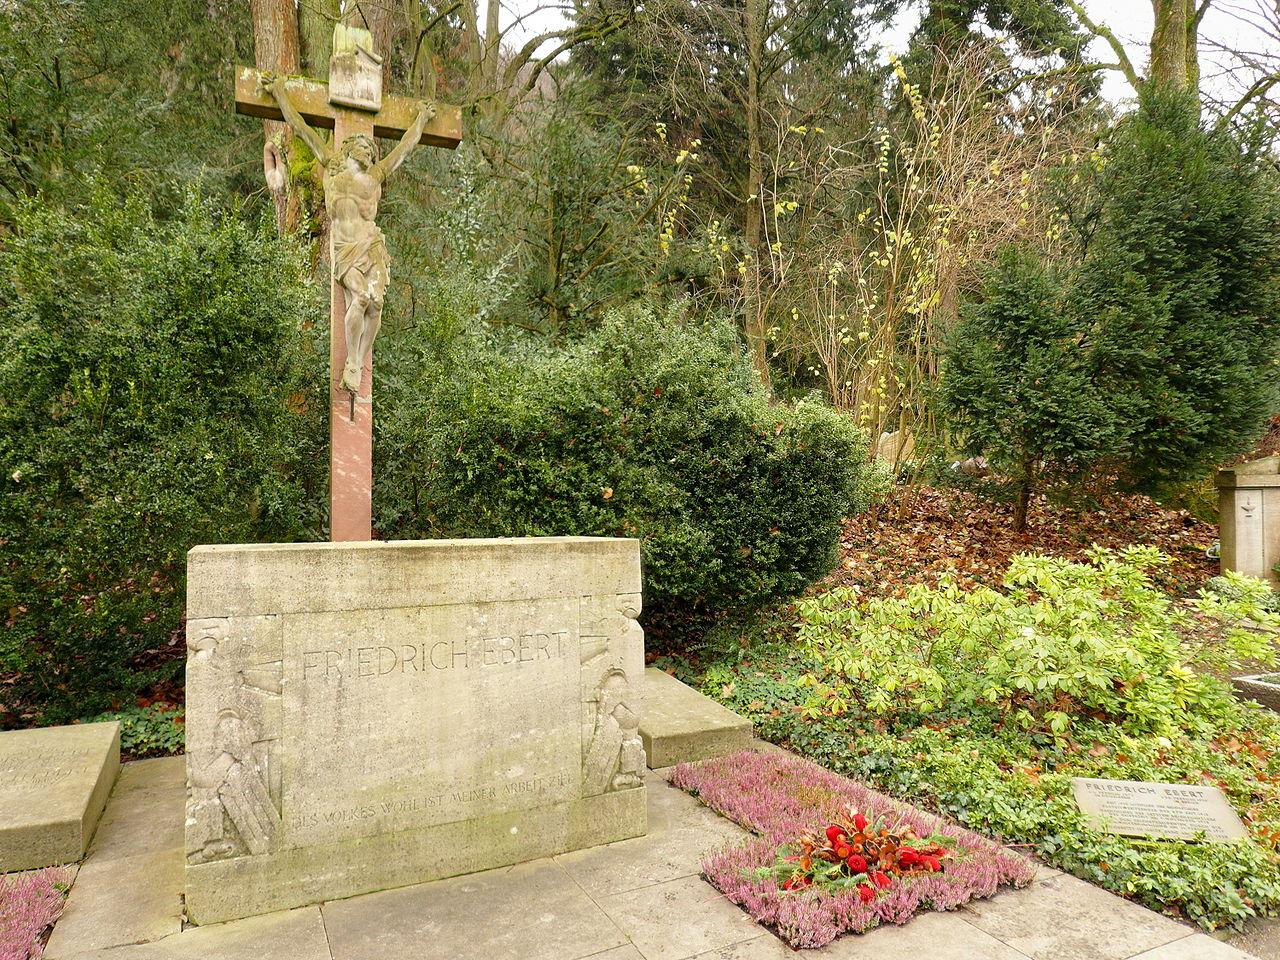 die grabanlage des reichspräsidenten friedrich ebert auf dem heidelberger bergfriedhof (abt. v neu)